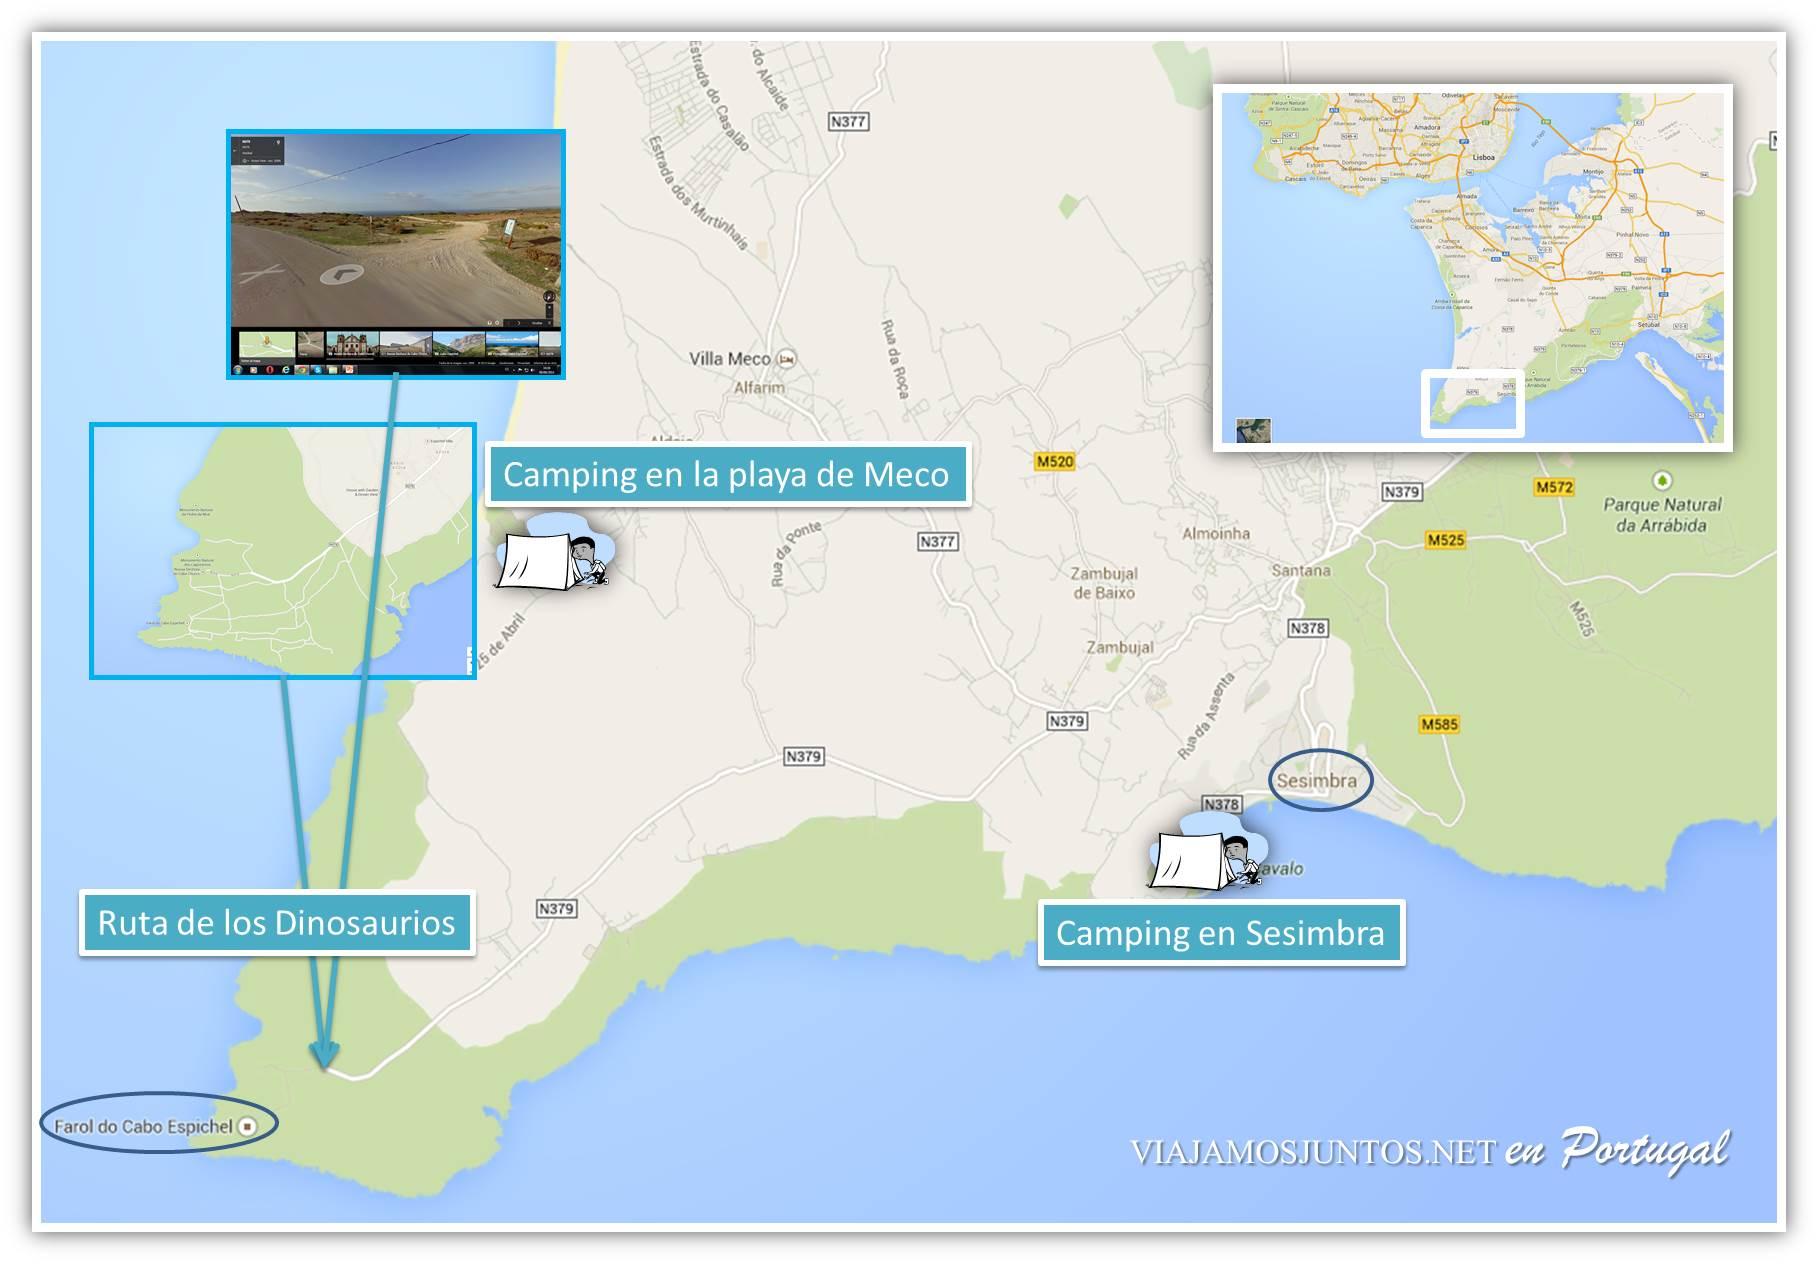 Sesimbra, Cabo Espichel, Ruta de los Dinosaurios y alrededores